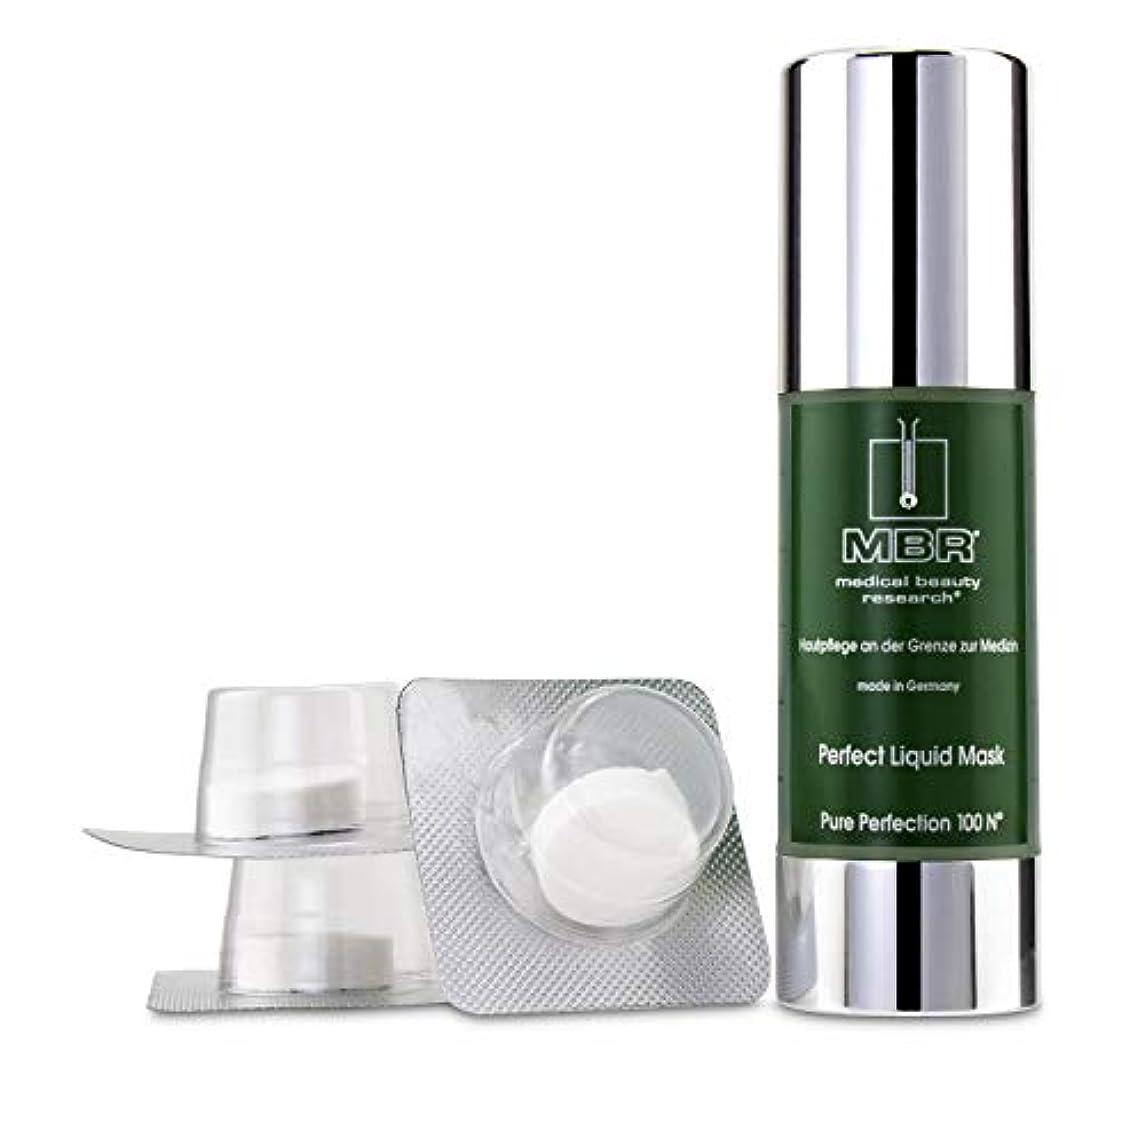 浸す収束する衝撃MBR Medical Beauty Research Pure Perfection 100N Perfect Liquid Mask 6applications並行輸入品